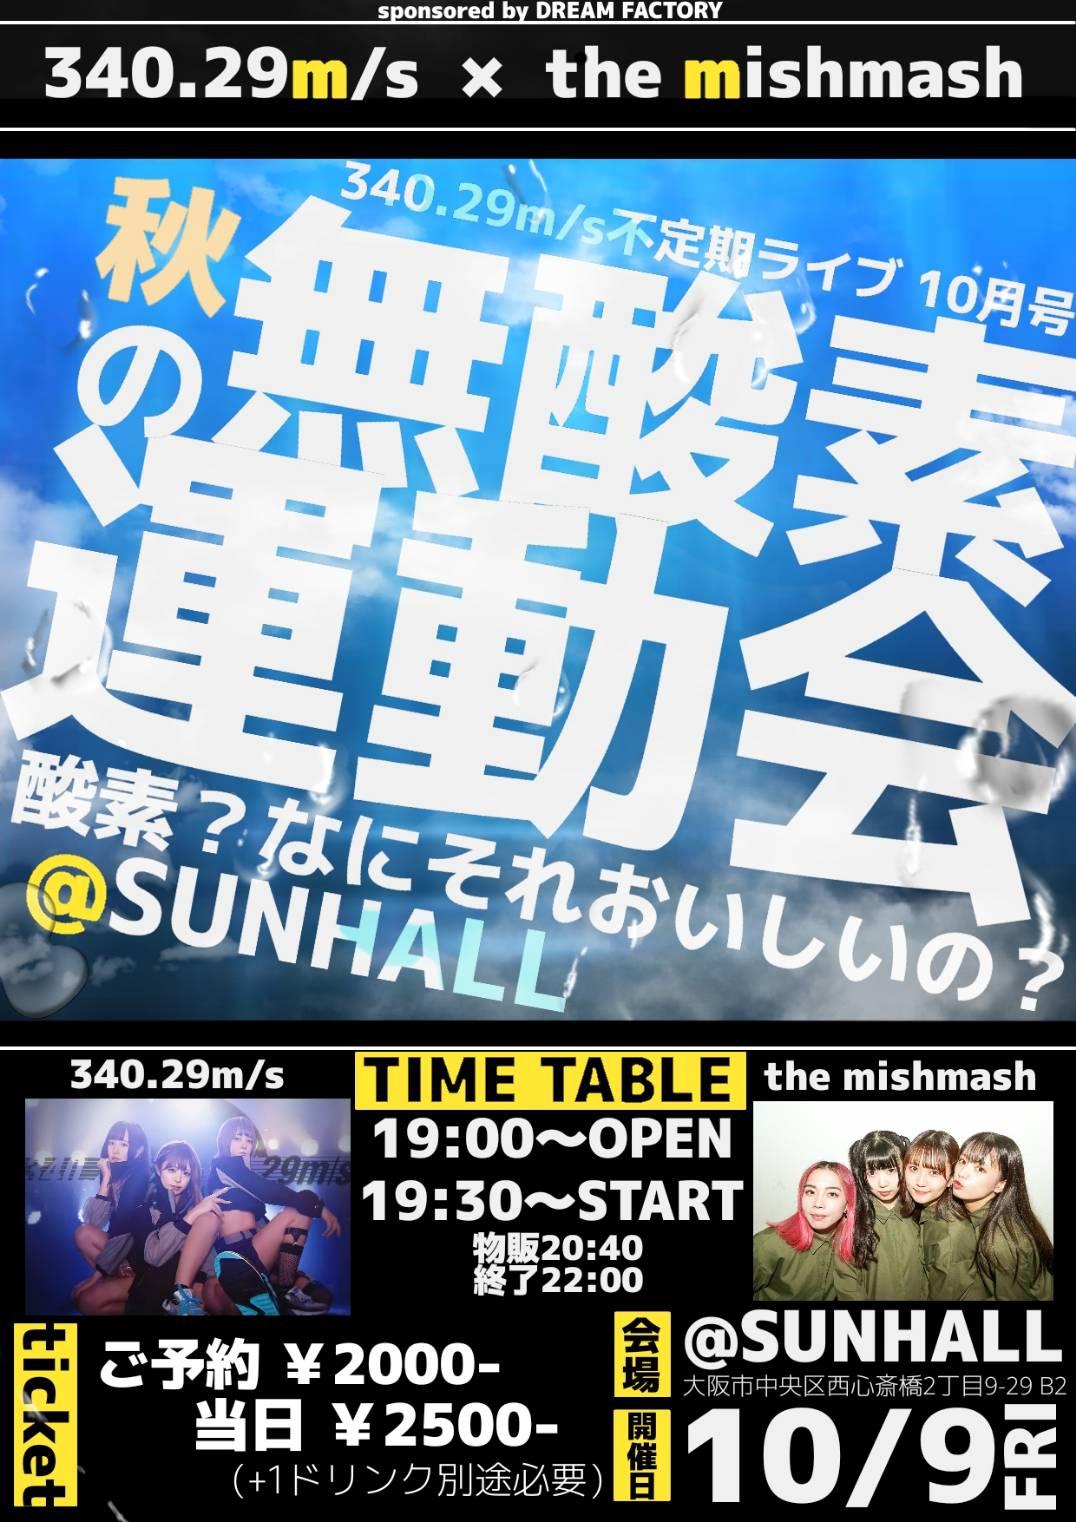 340.29m/s不定期ライブ10月号・ 340.29m/s×the mishmash秋の無酸素運動会